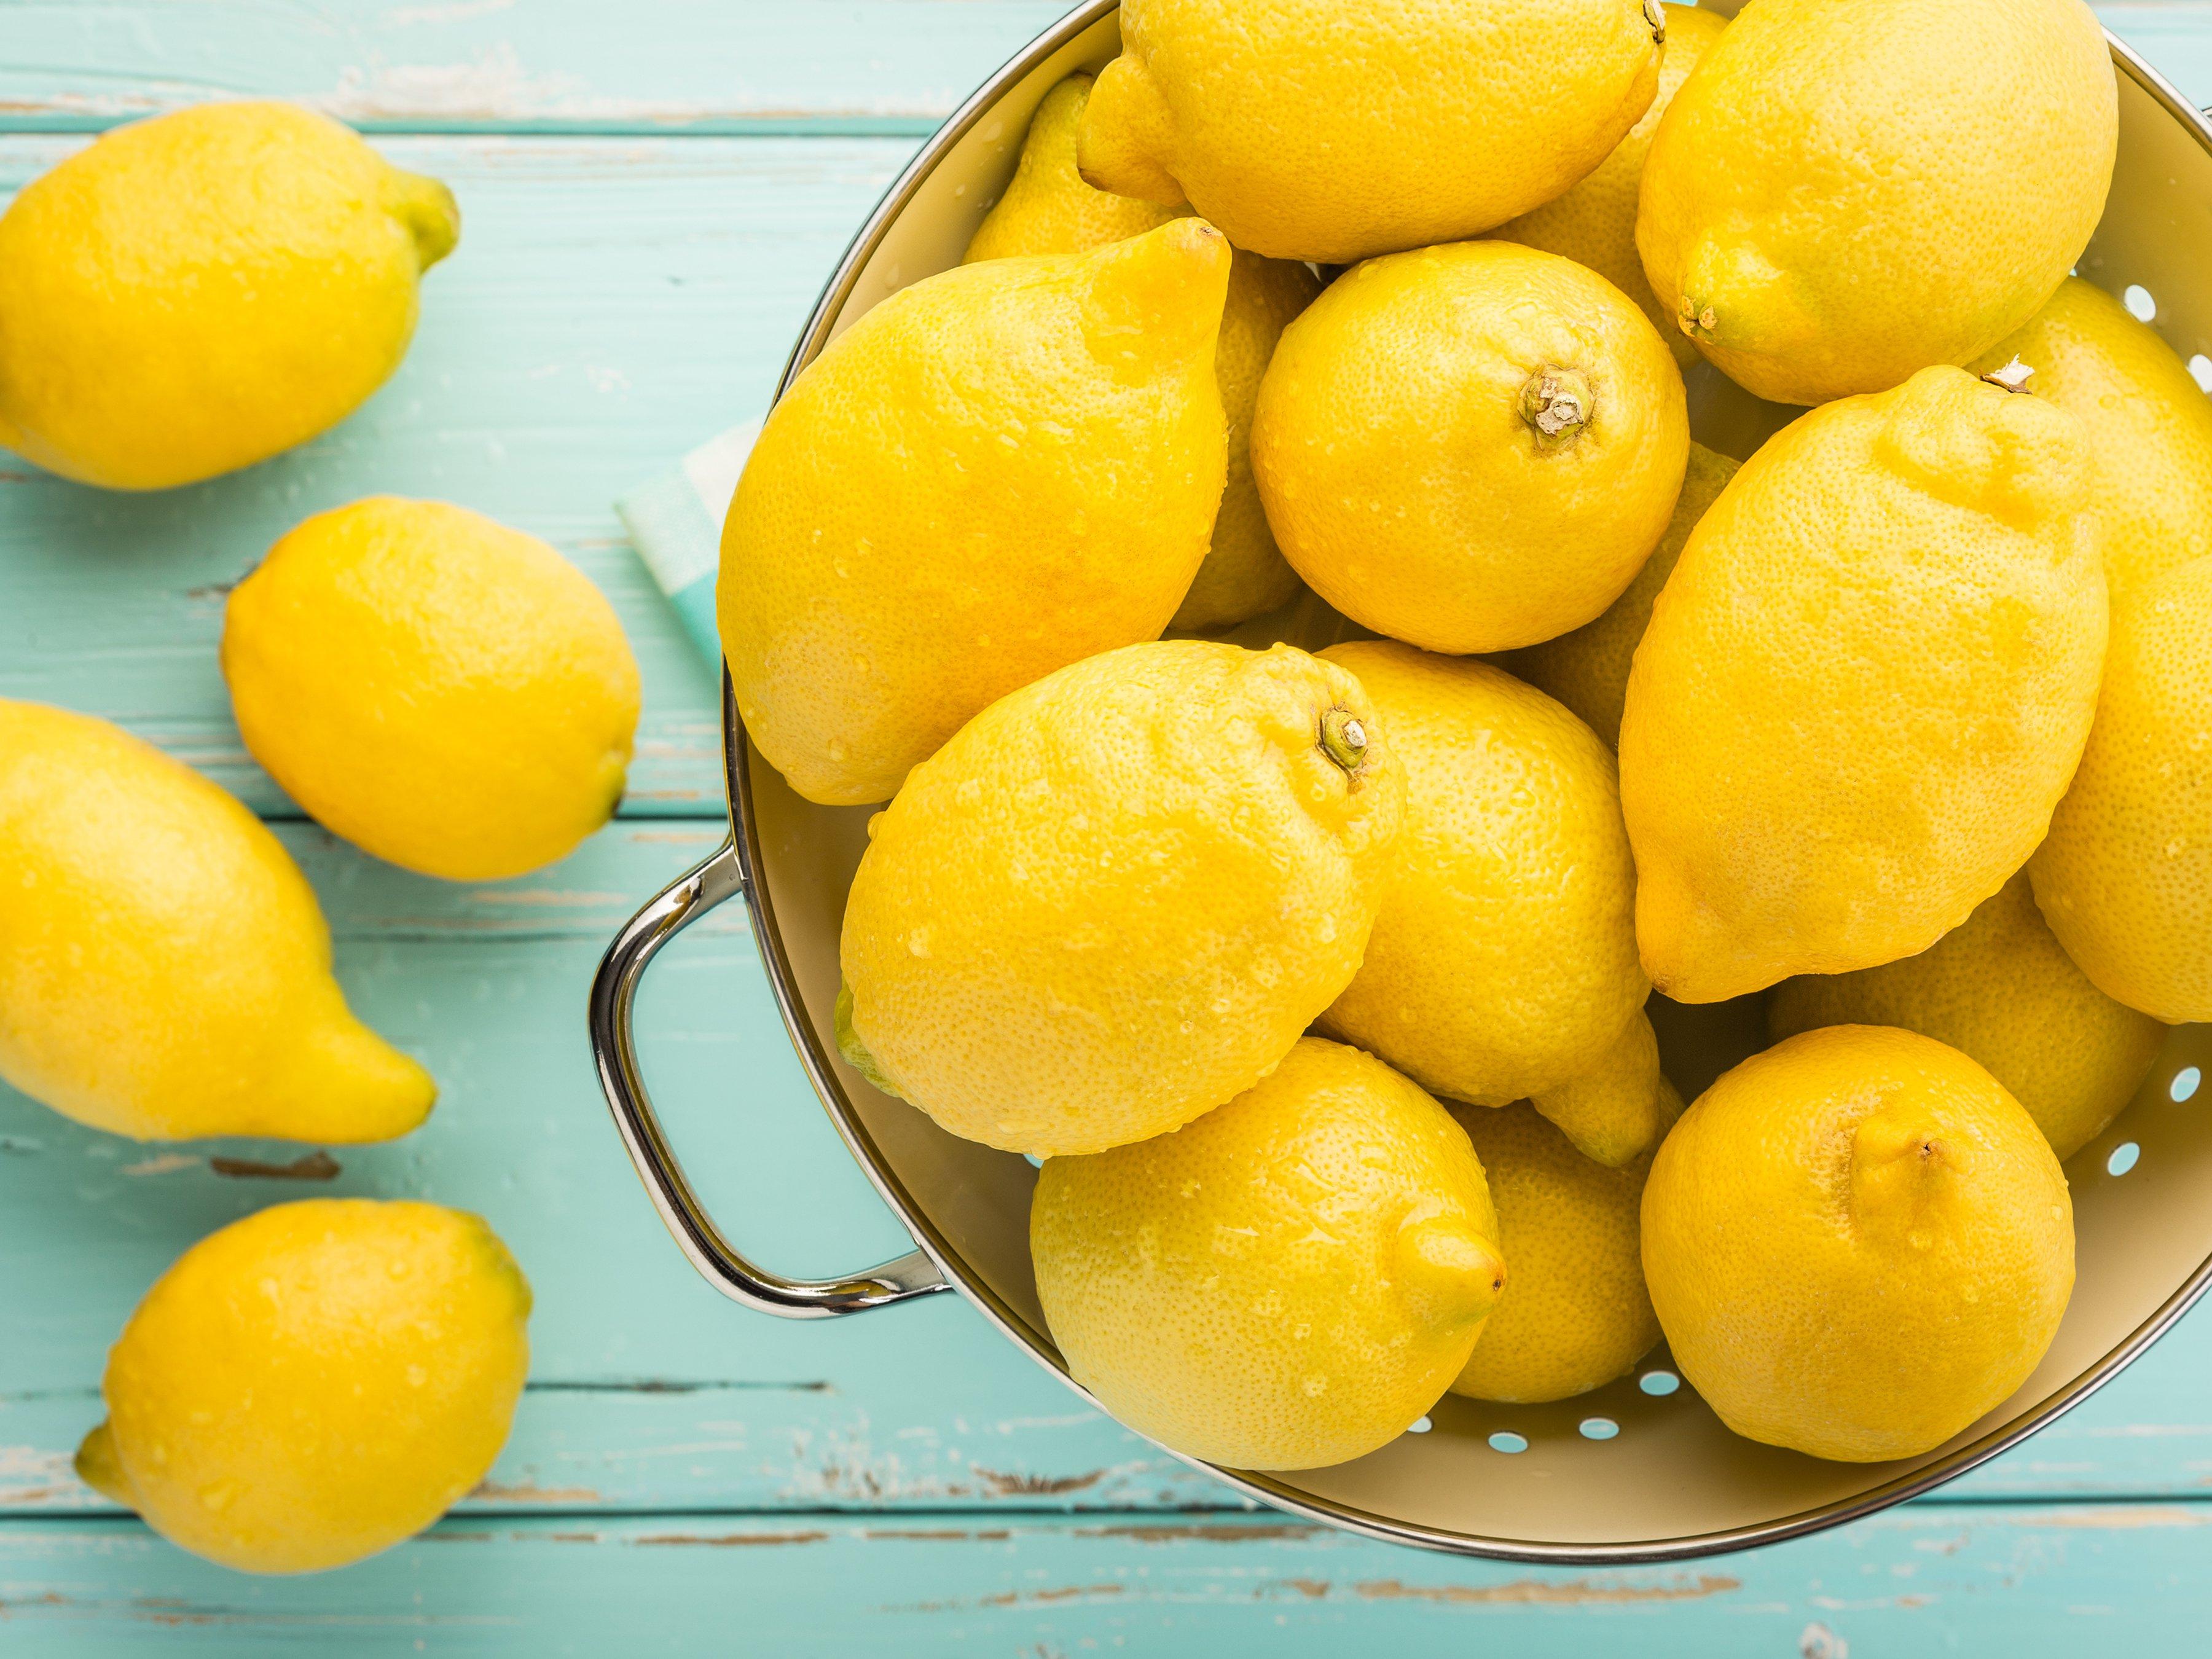 5 New Uses for Lemons